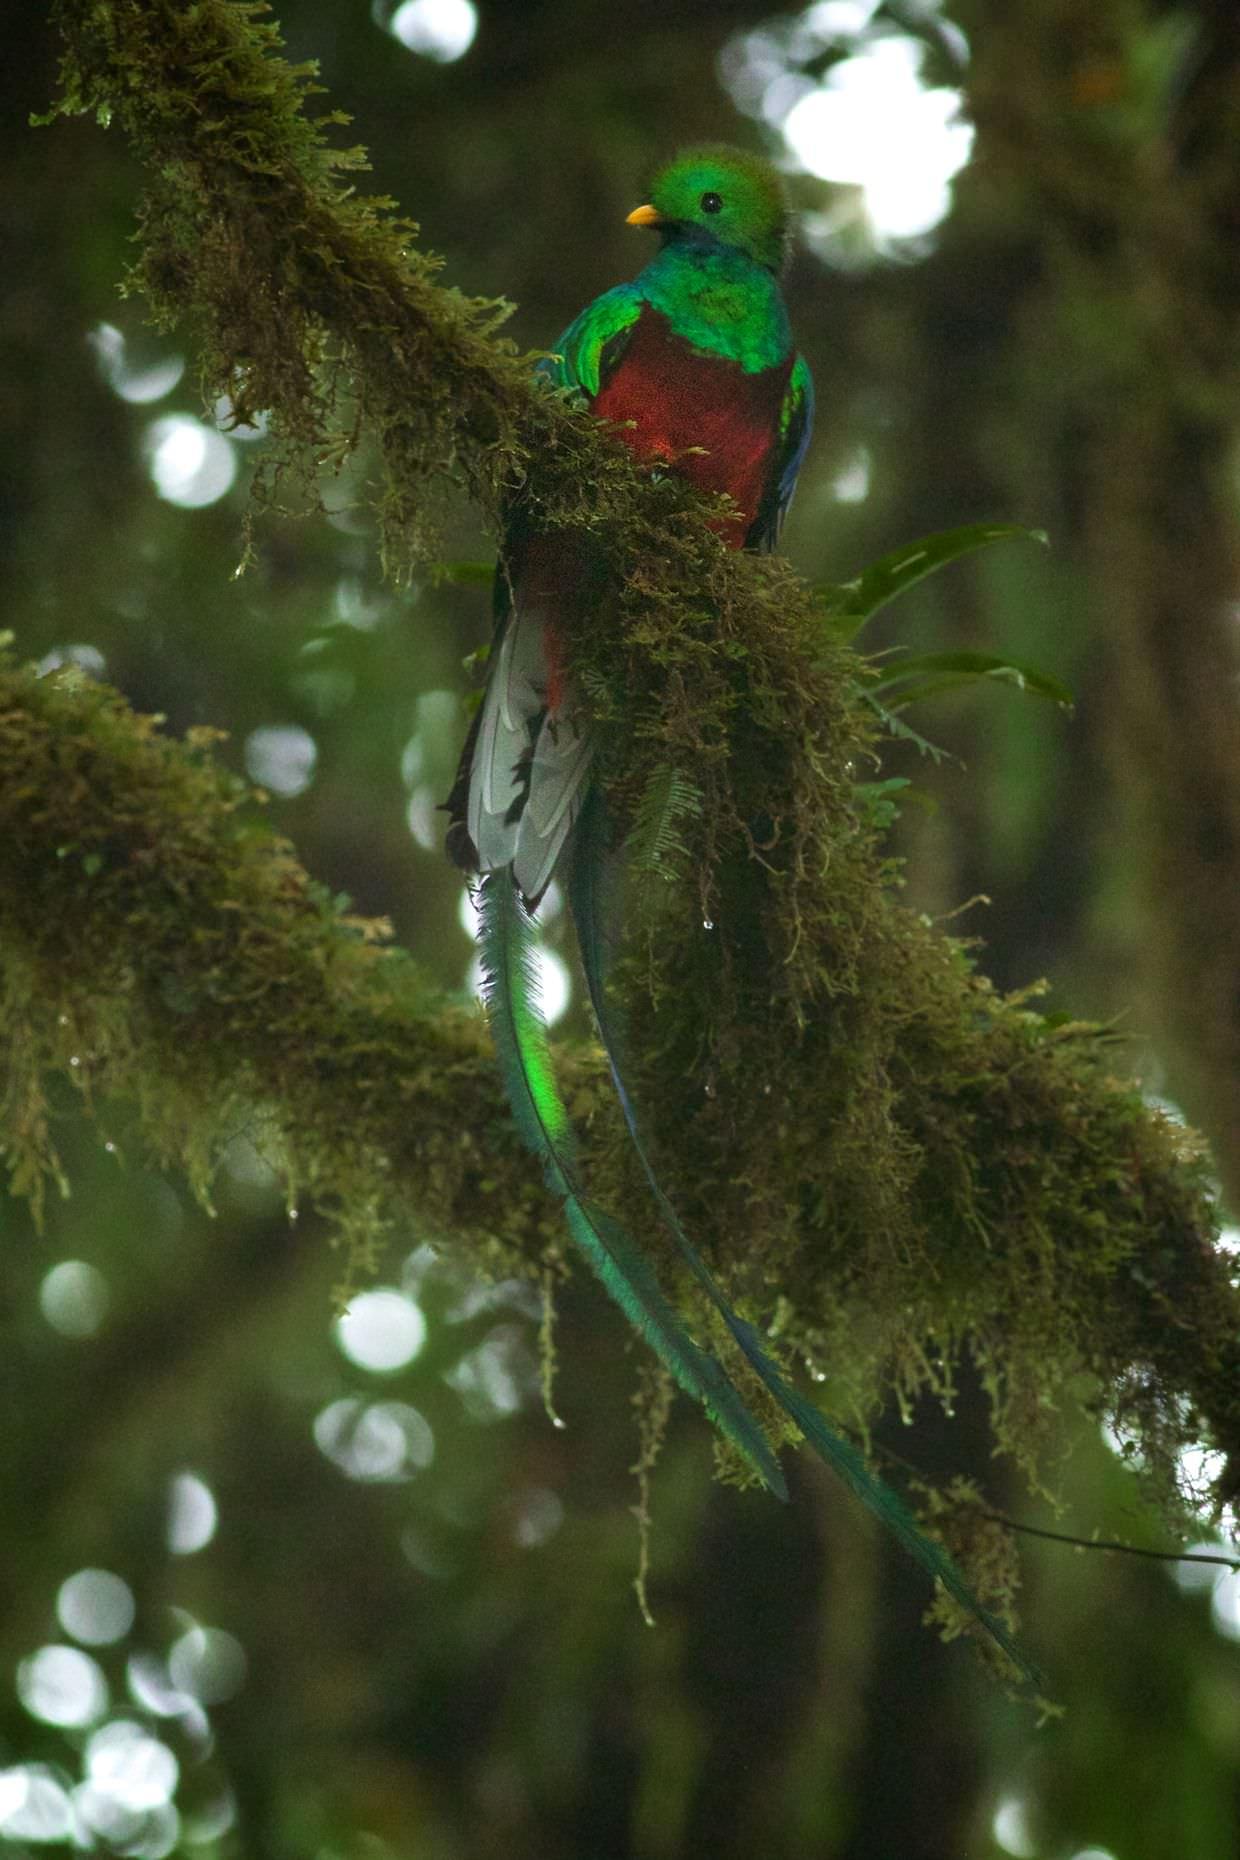 The magnificent resplendent quetzal